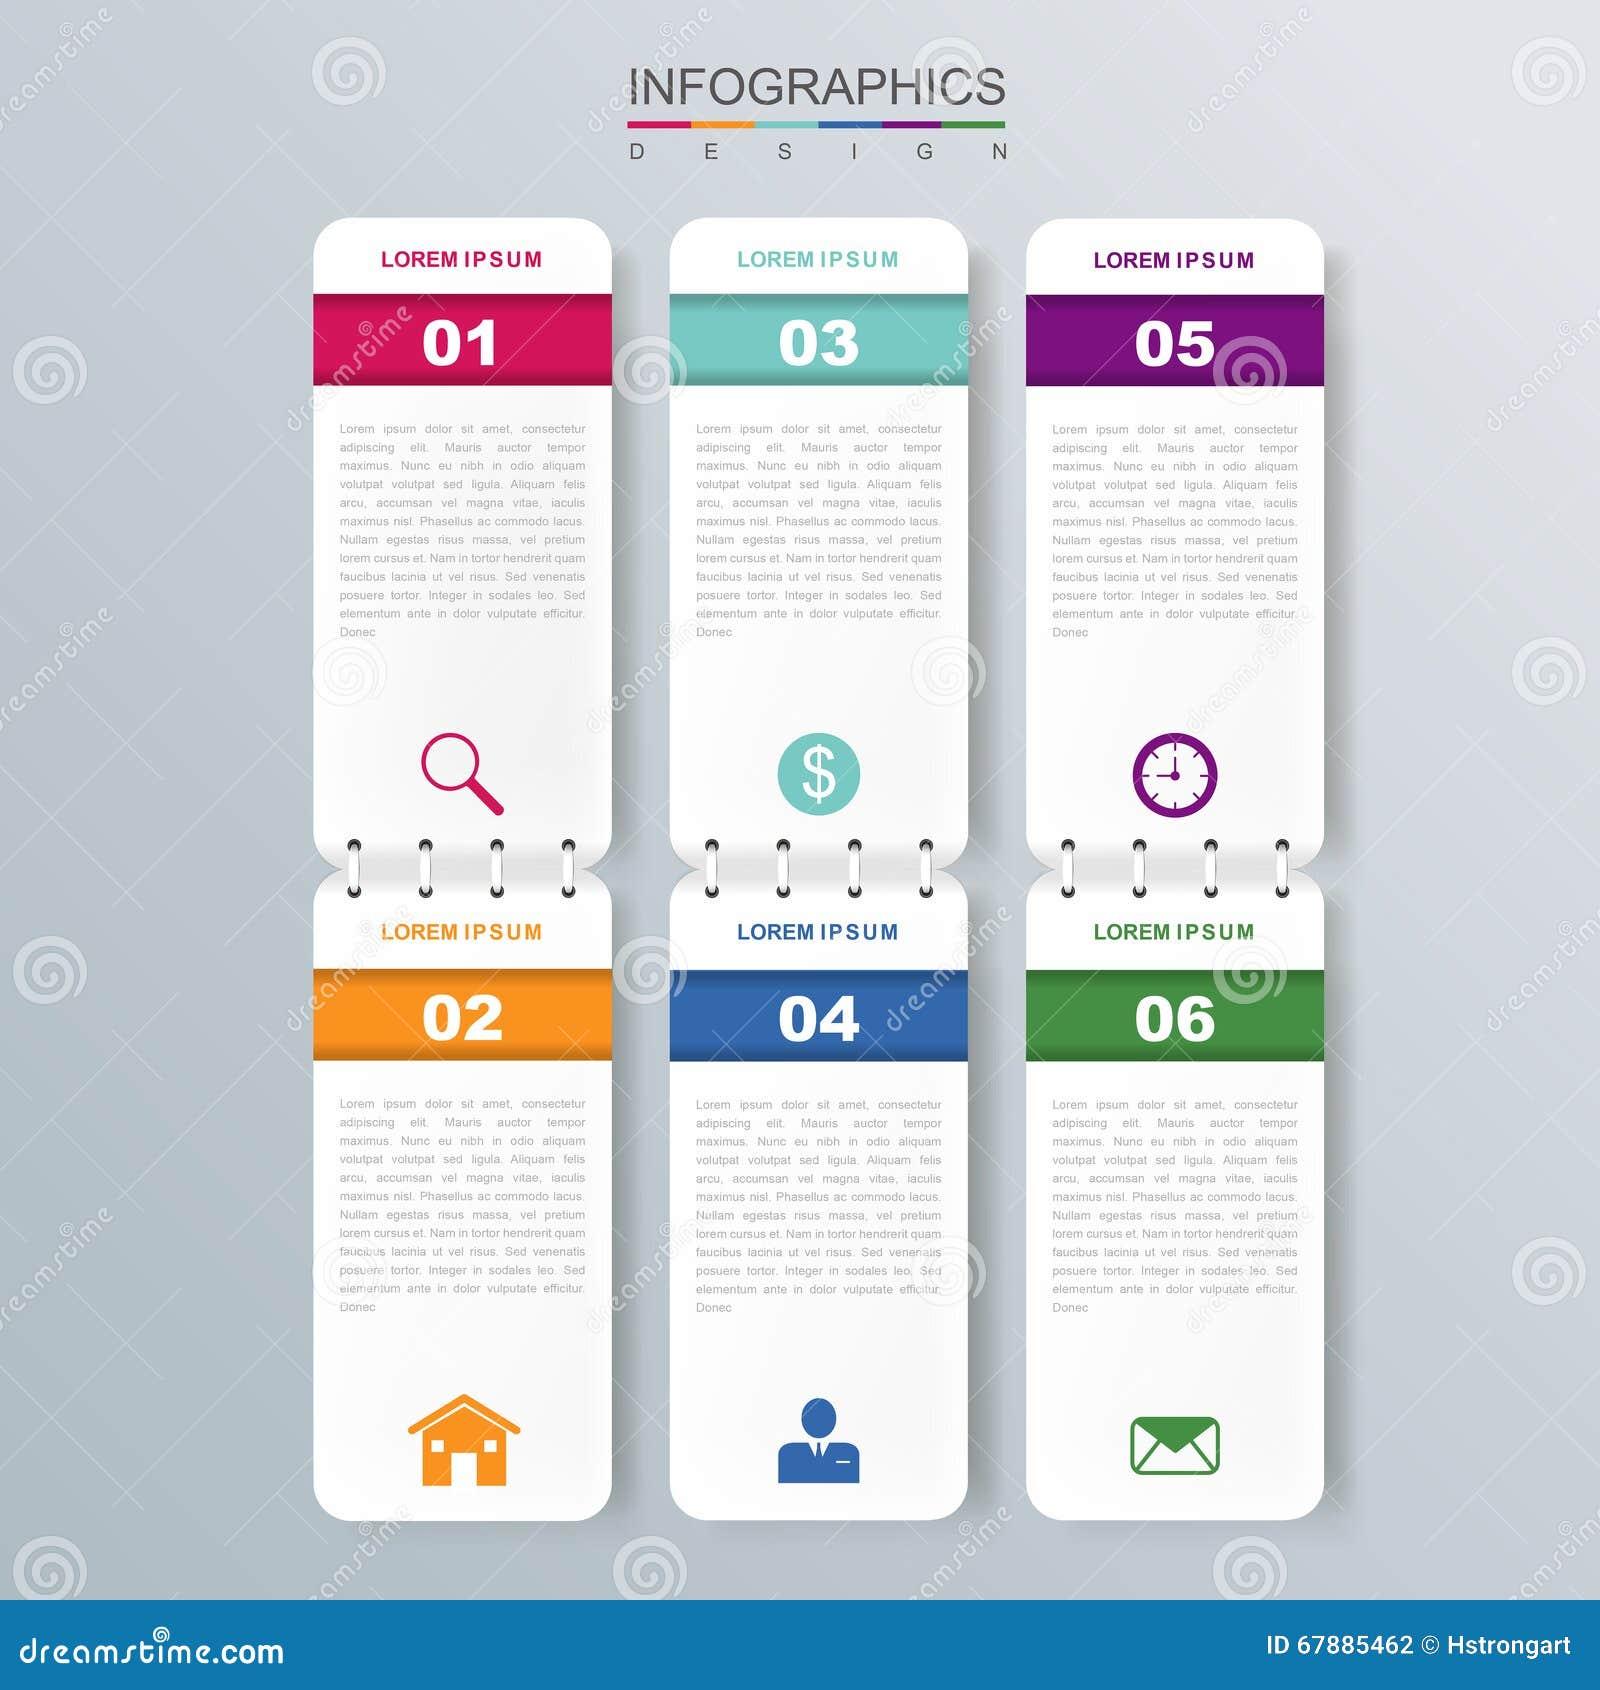 Moderner infographic Entwurf